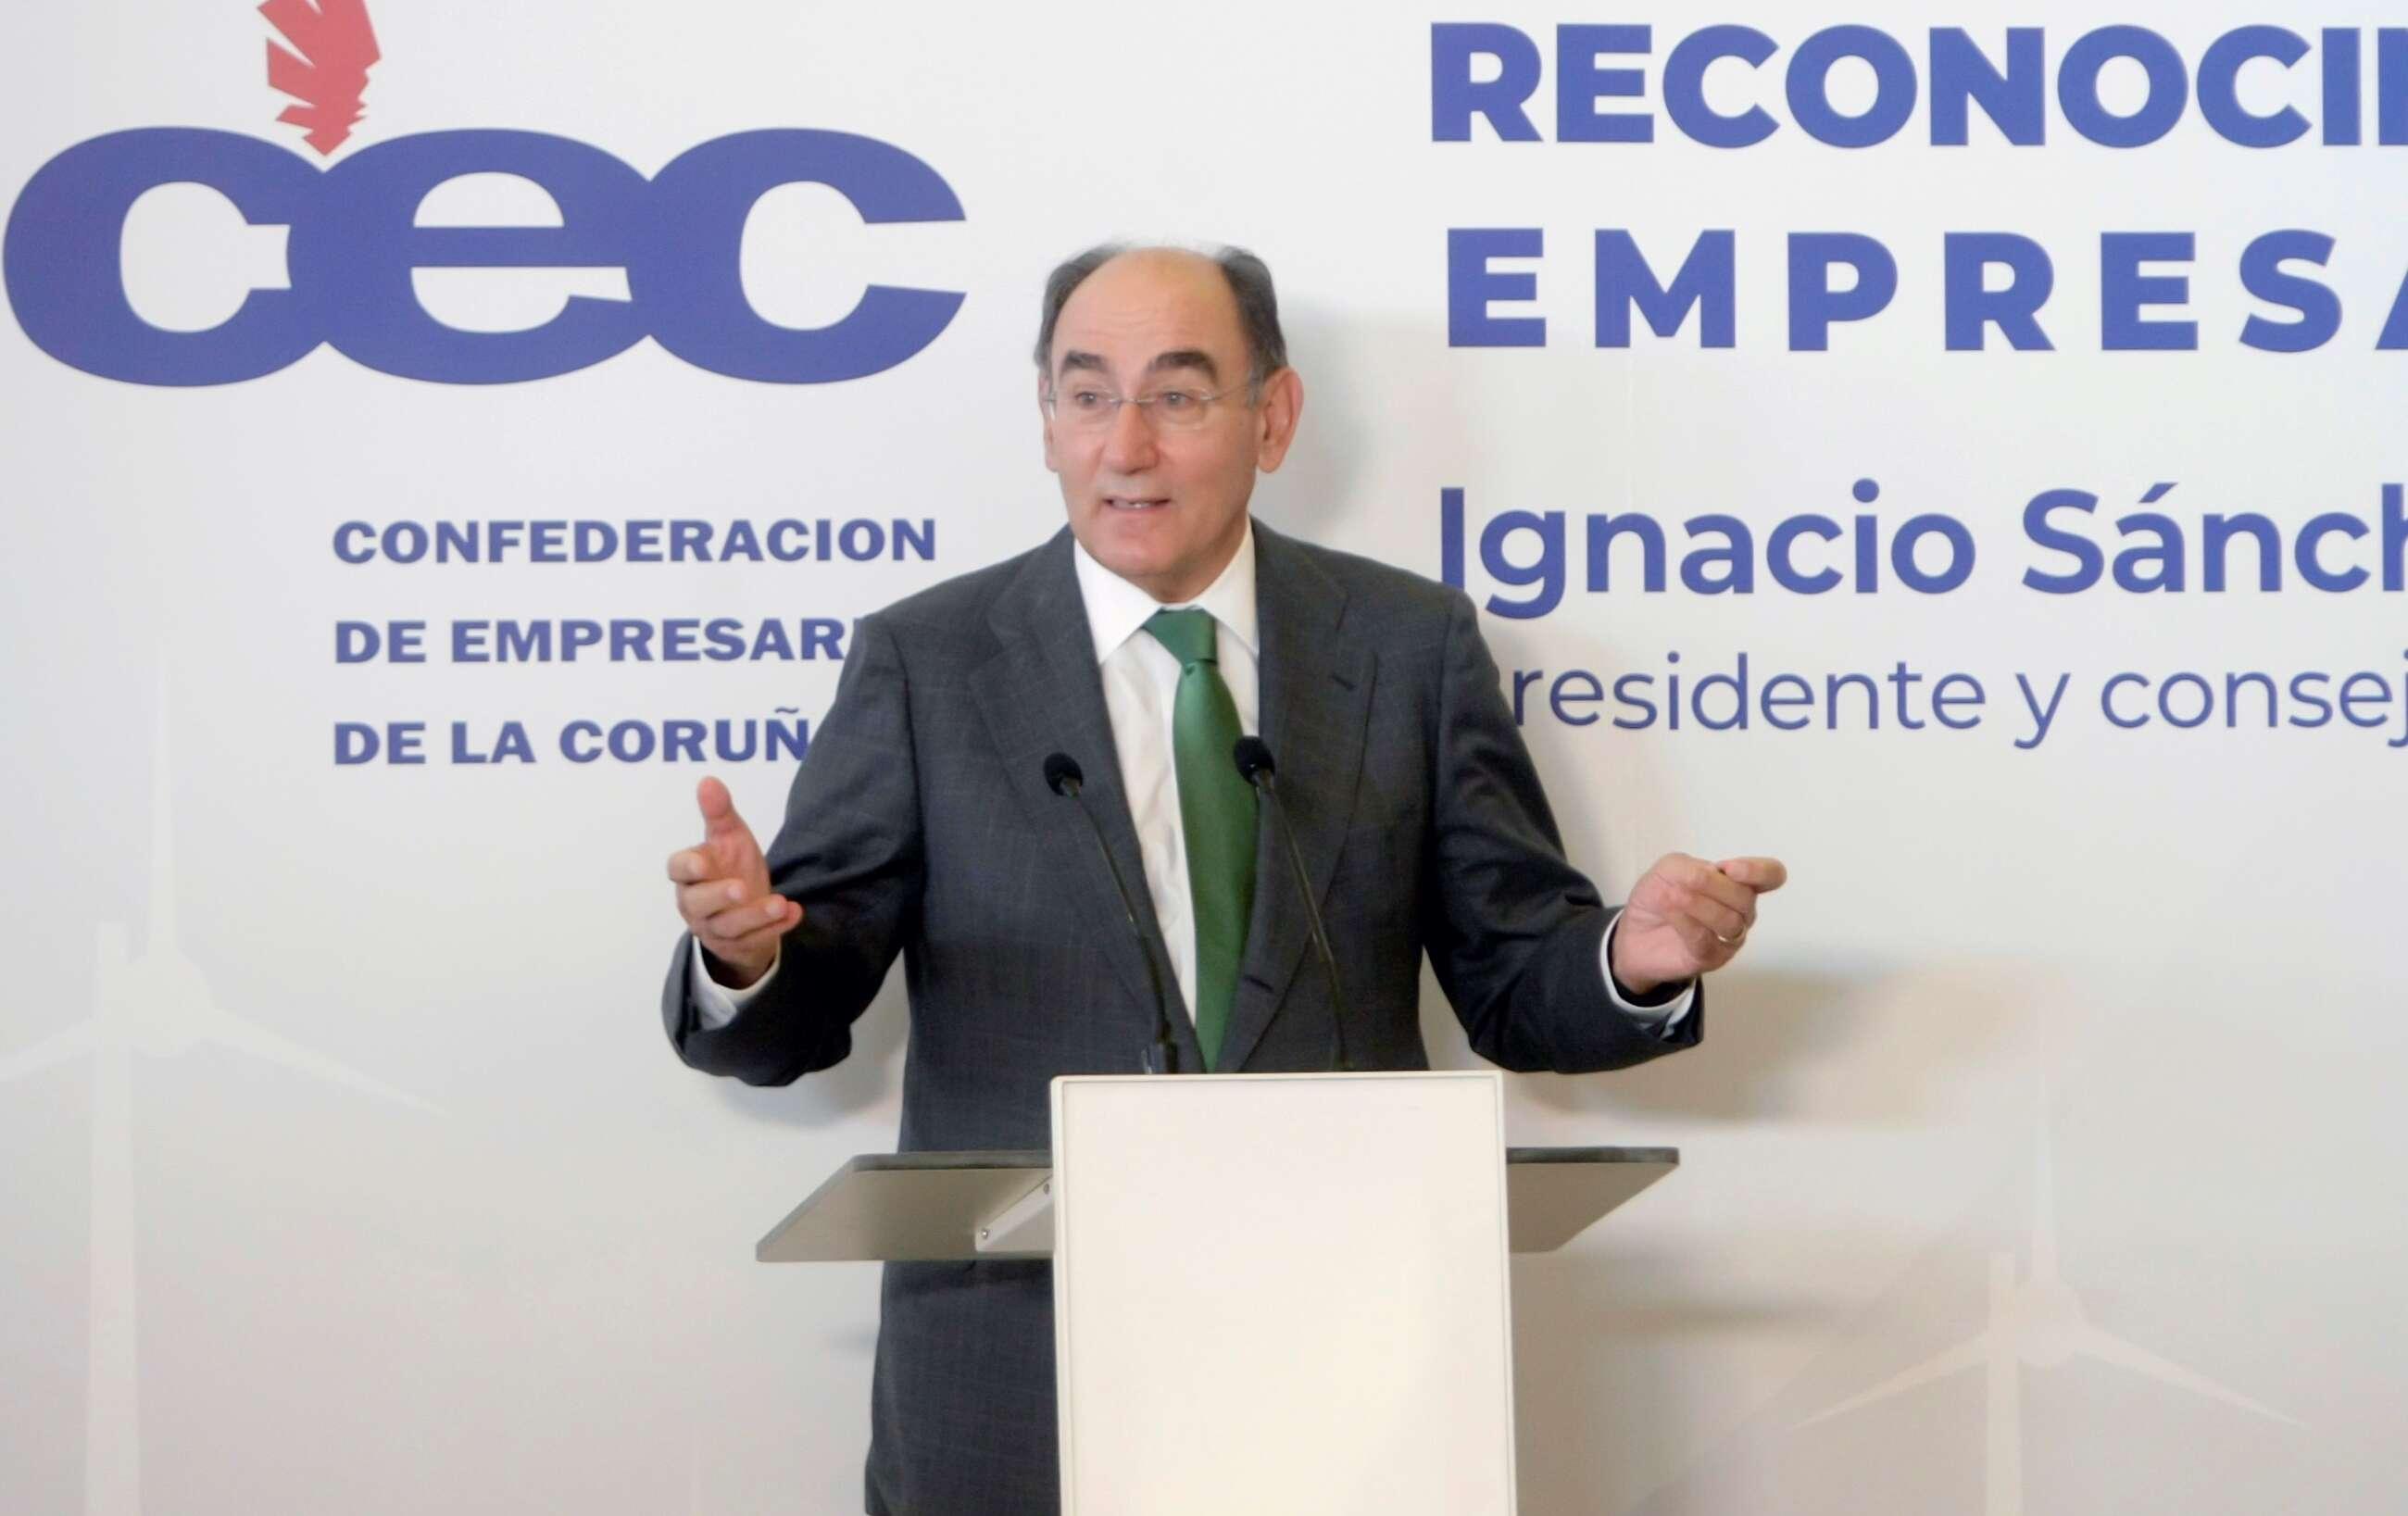 Ignacio Sánchez Galán, presidente de Ibedrola, recoge un premio empresarial en Galicia en julio de 2021. EFE